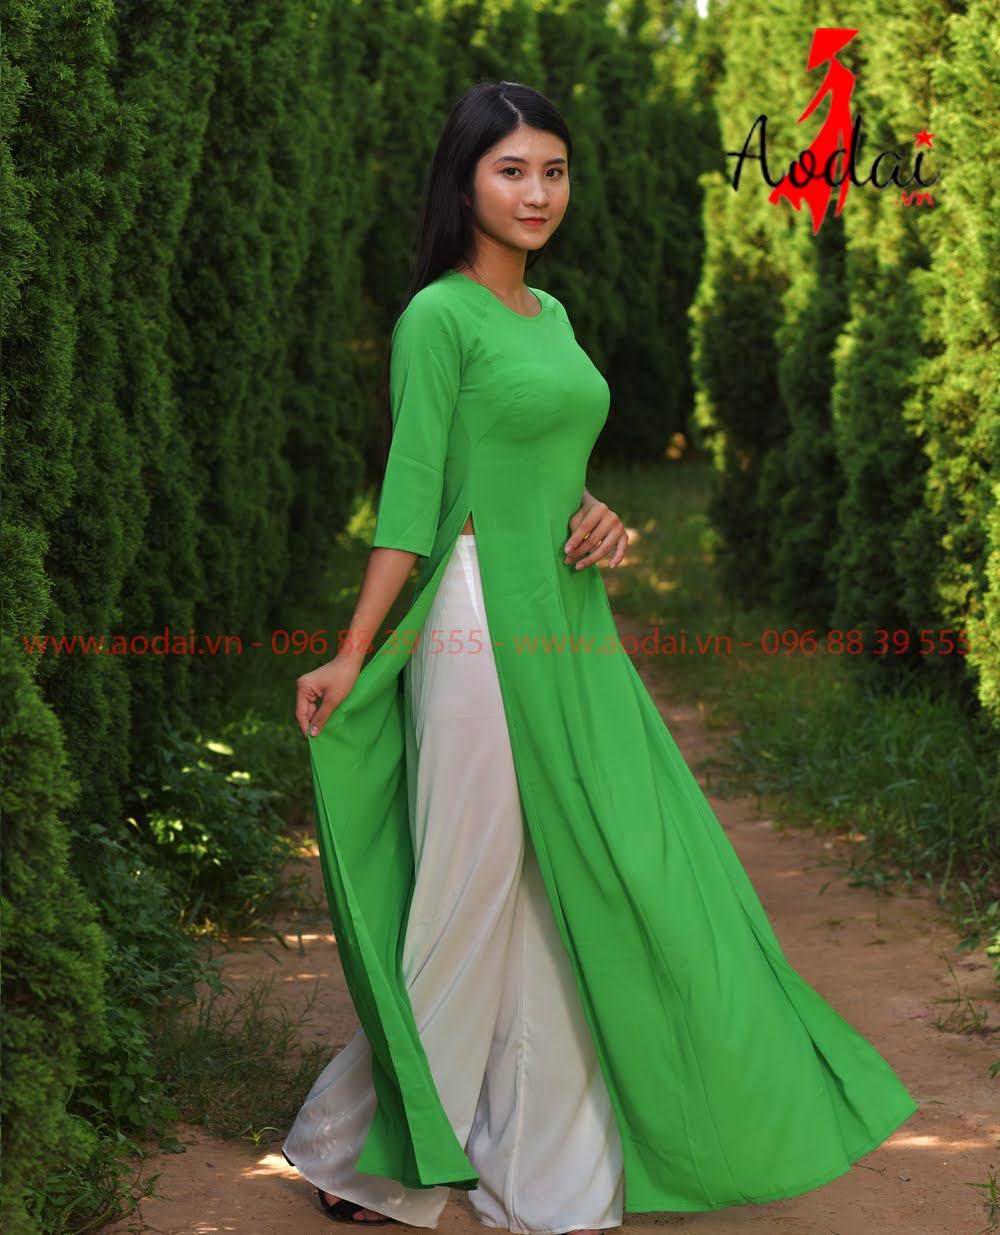 In áo dài tại Bắc Giang